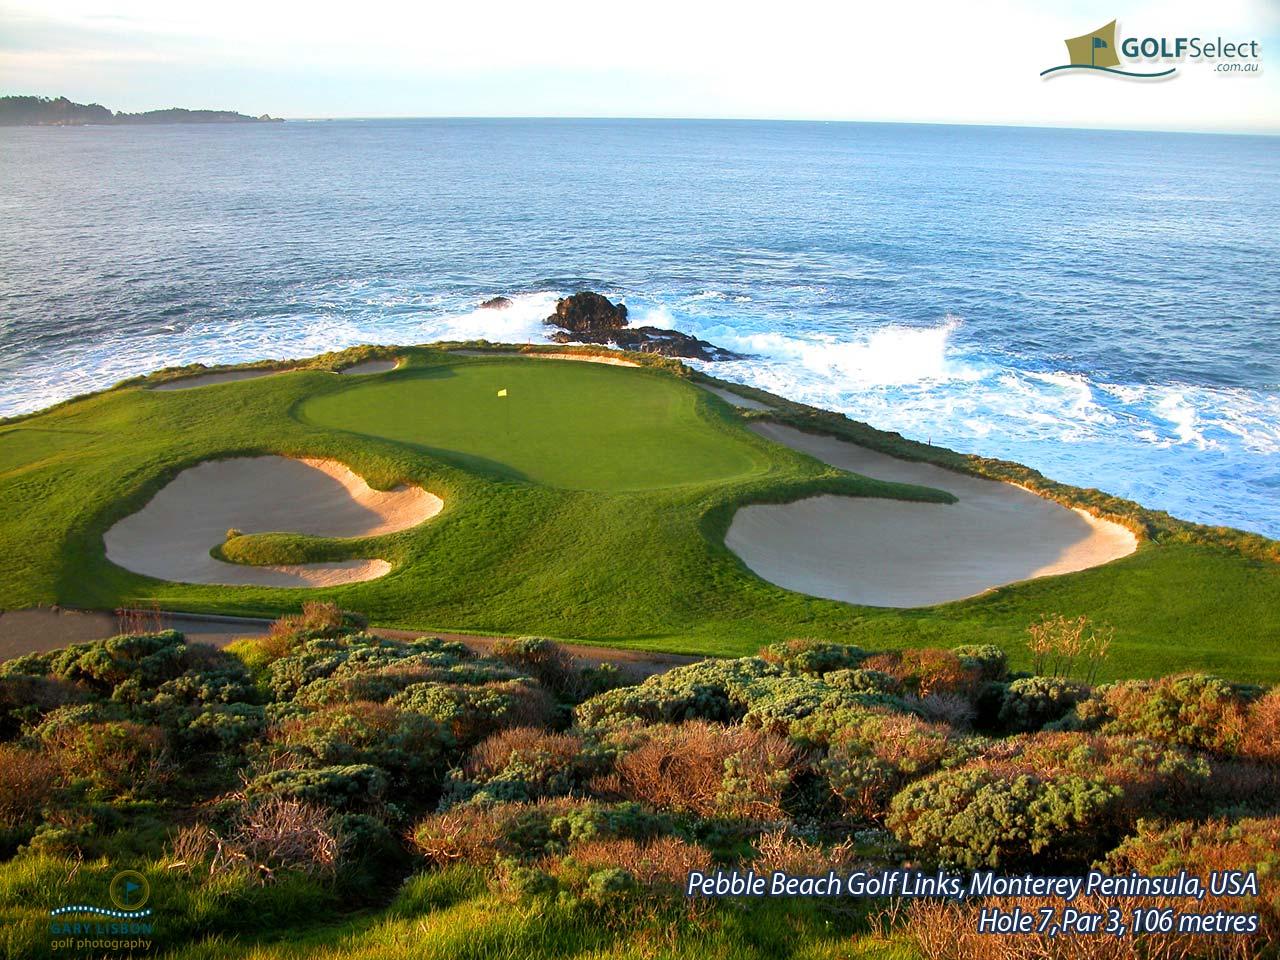 filesize 38 5 kb http kaaz eu pebble beach golf course wallpapers golf 1280x960